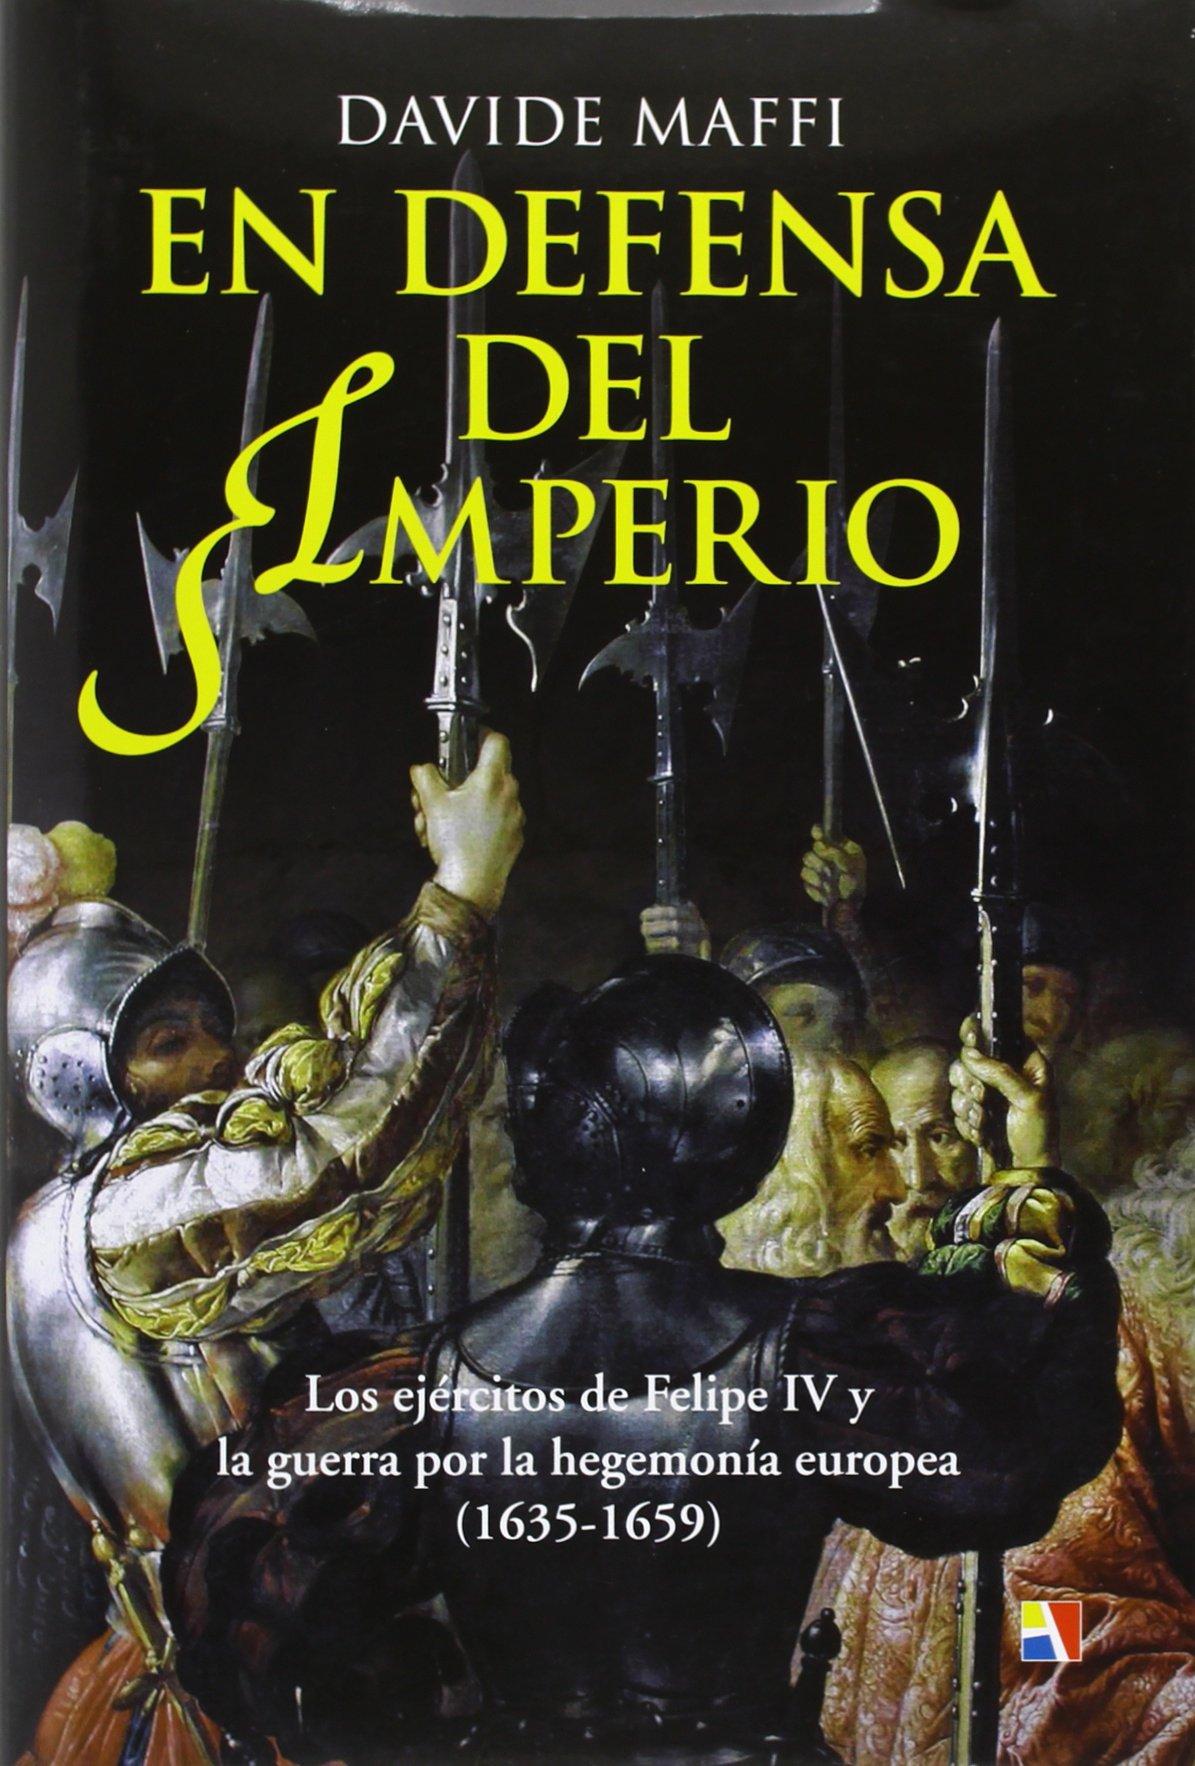 En Defensa Del Imperio. Los Ejércitos De Felipe IV Y La Guerra Por La Hegemonía Europea. 1635-1659: Amazon.es: Maffi, Davide: Libros